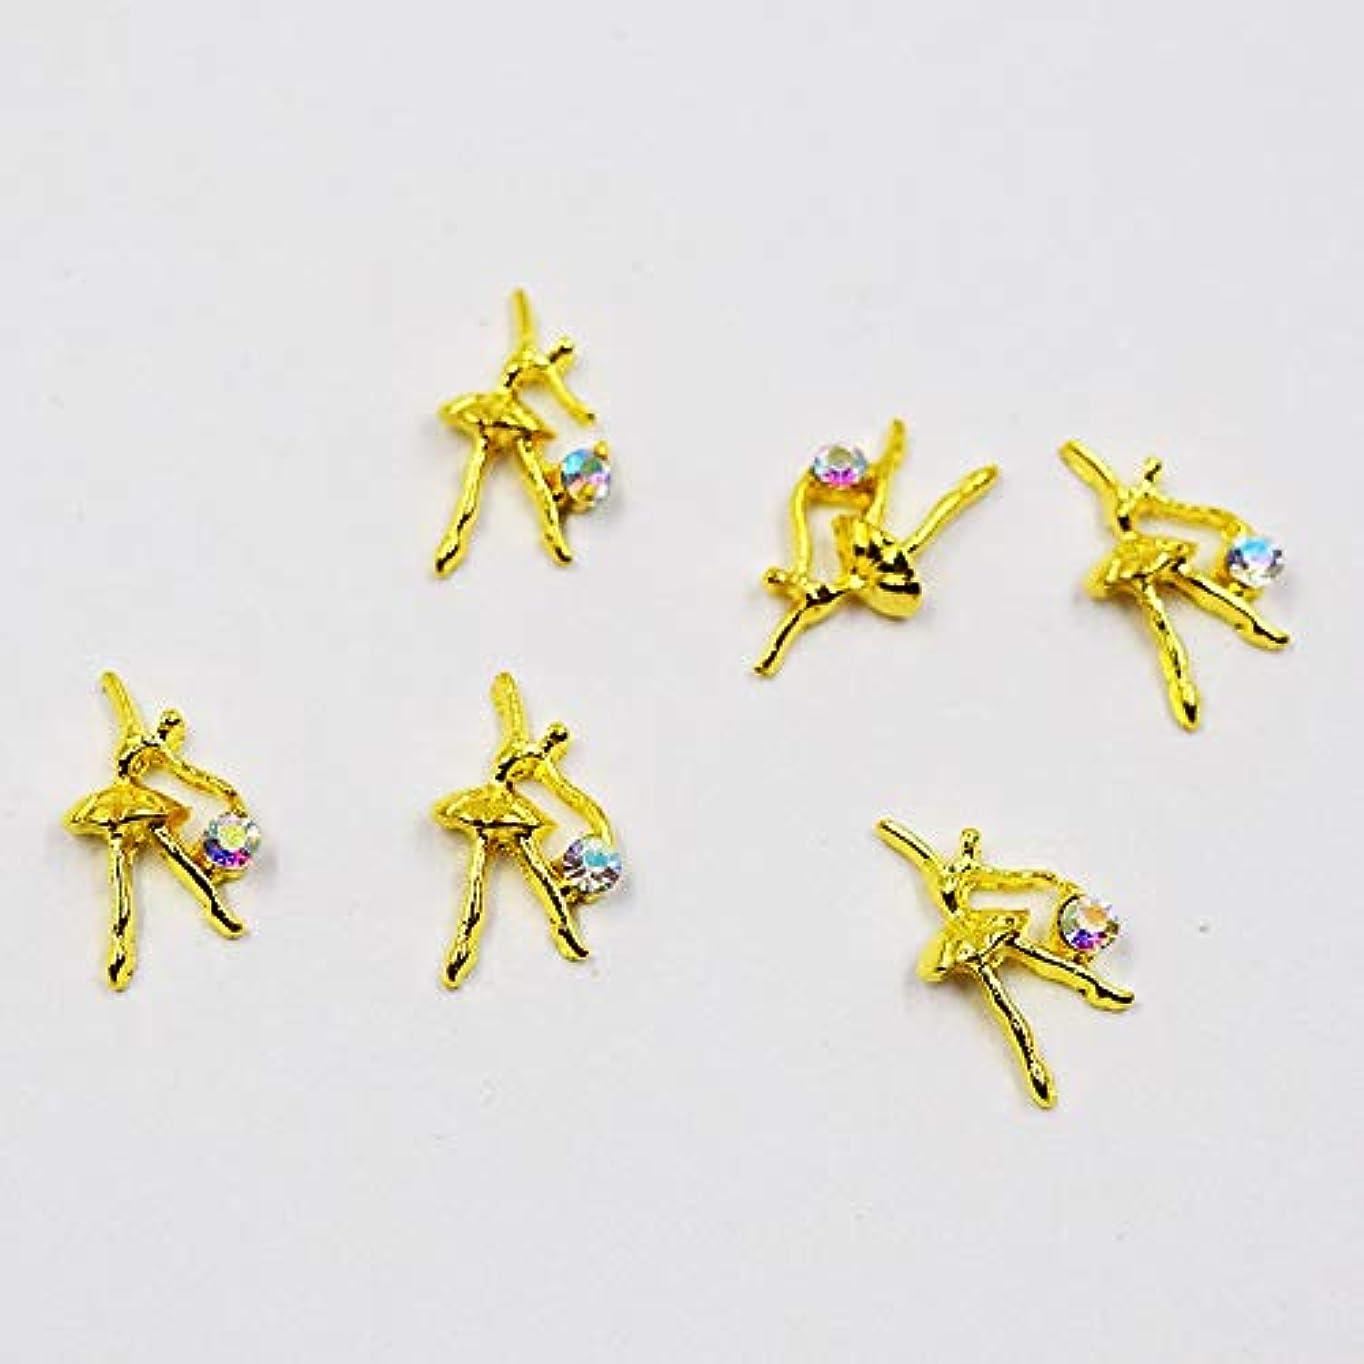 お客様臭い細心のマニキュアの色宝石デザインネイルアクセサリーツールのための10pcsの3Dネイルジュエリーデコレーションネイルズアートグリッターラインストーン